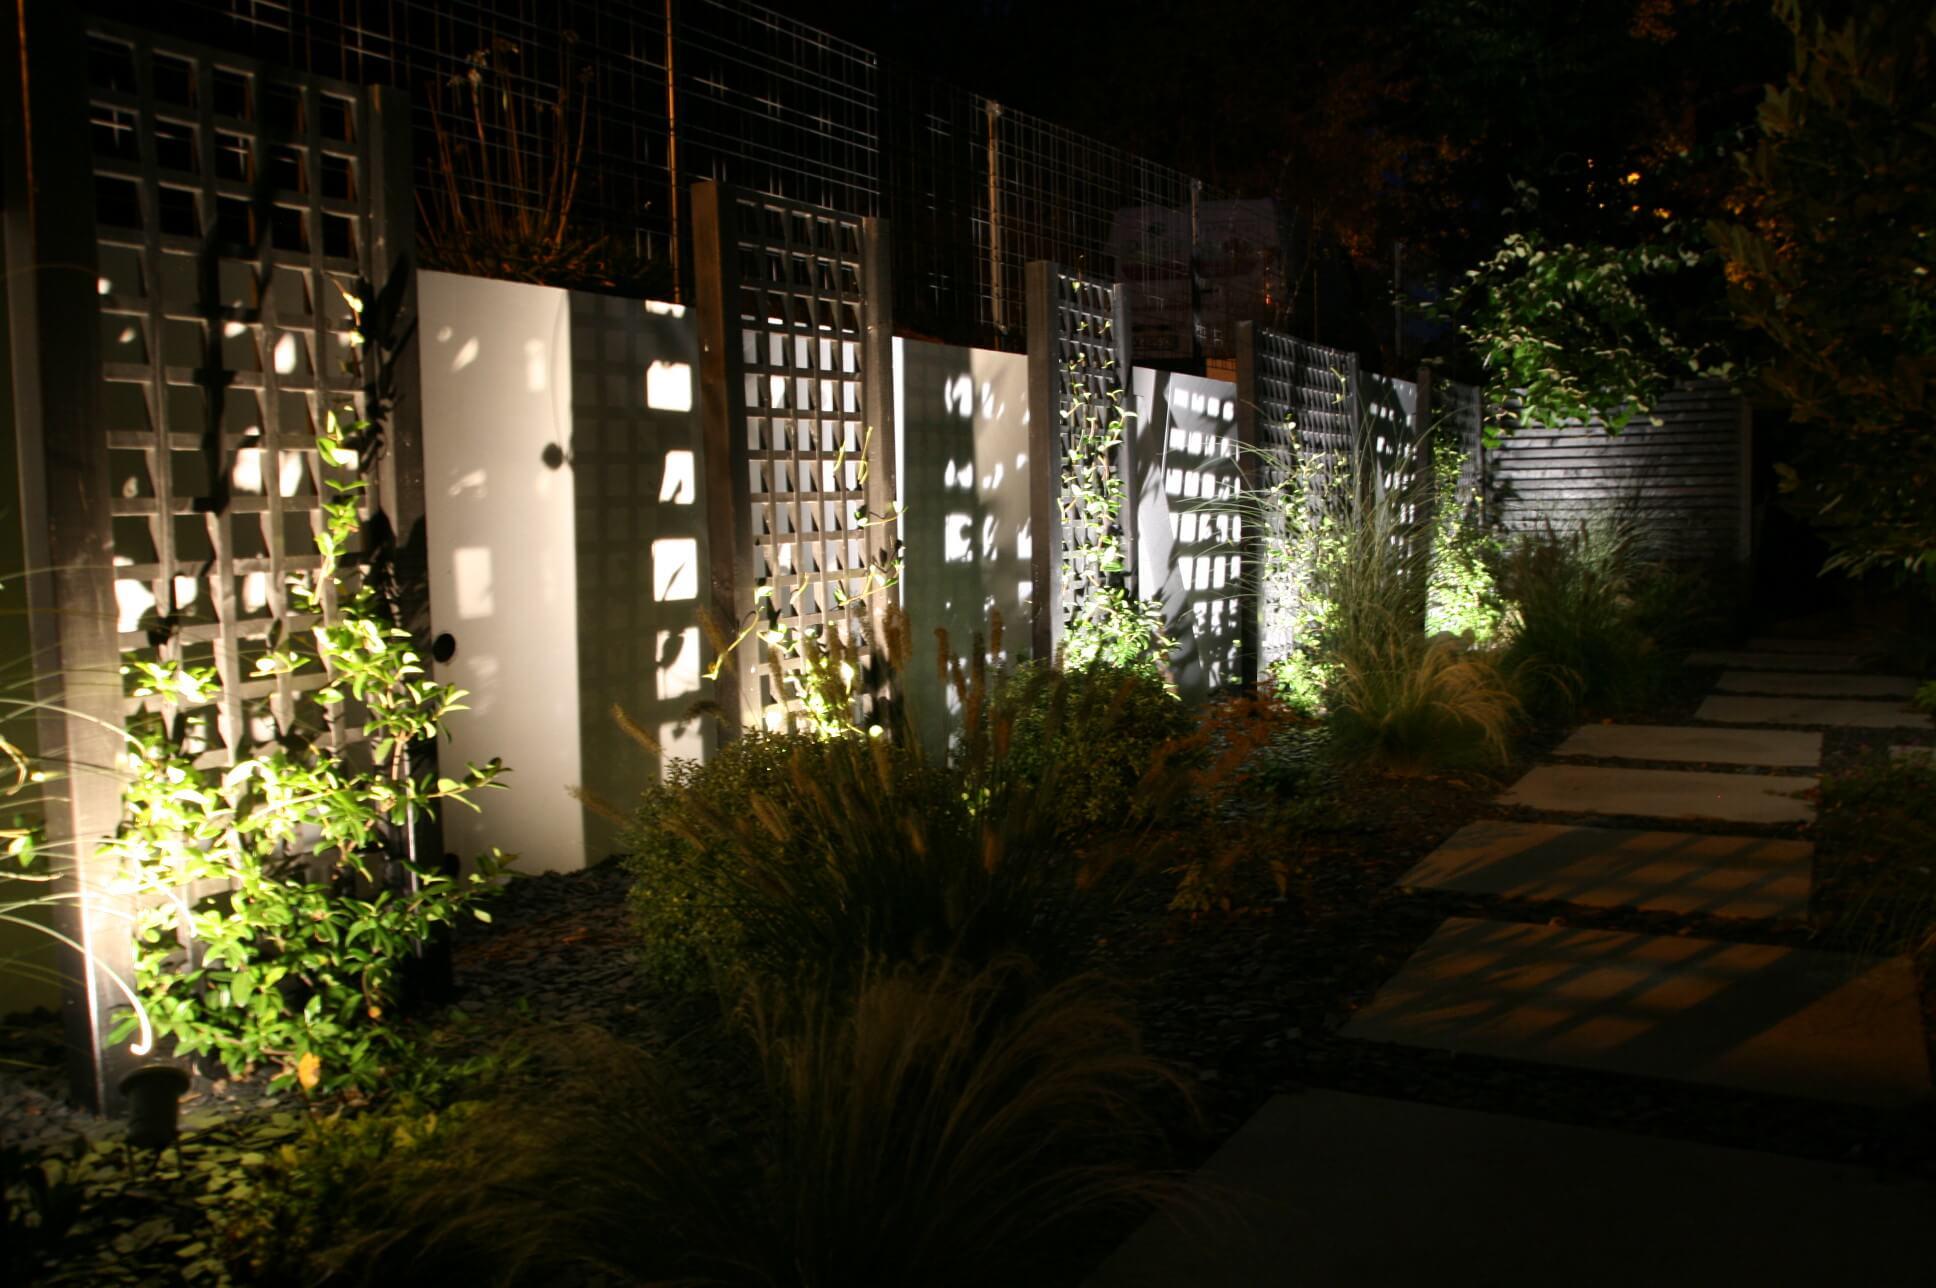 L'entrée de jardin avec quelques éclairages une fois la nuit tombée.